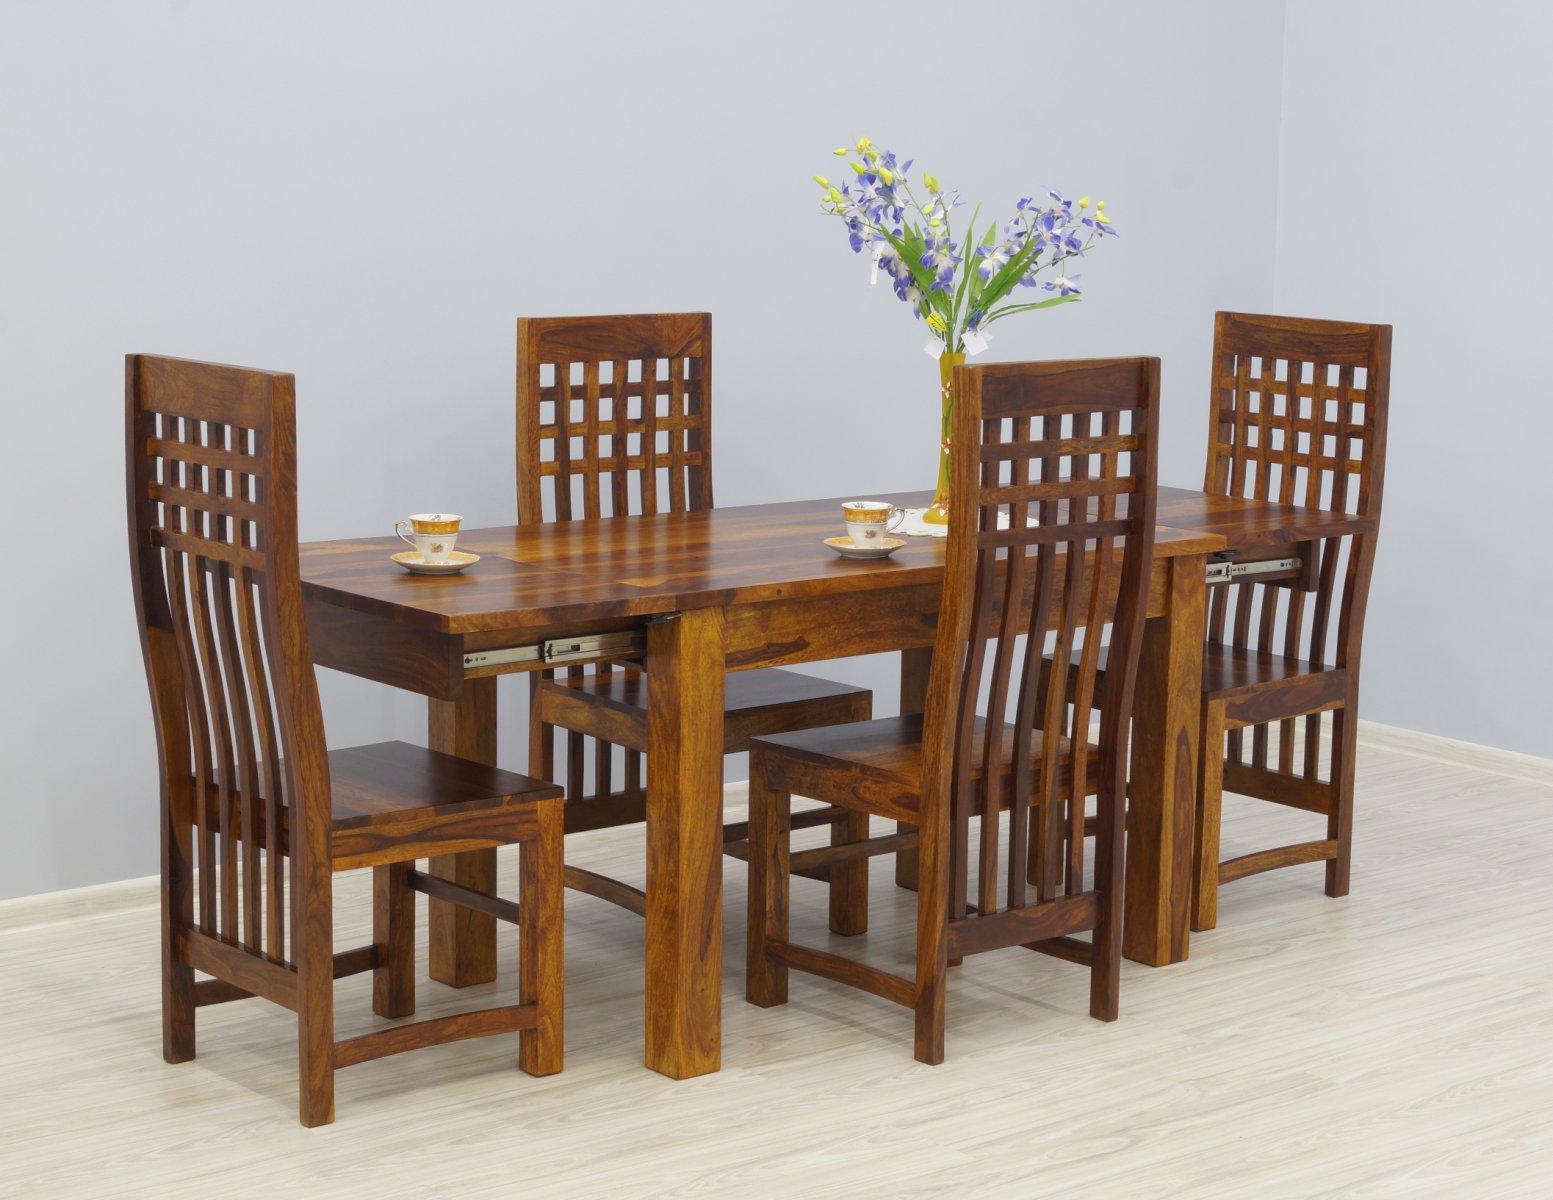 Komplet obiadowy kolonialny stół rozkładany + 4 krzesła ażurowe oparcia lite drewno palisander miodowy brąz